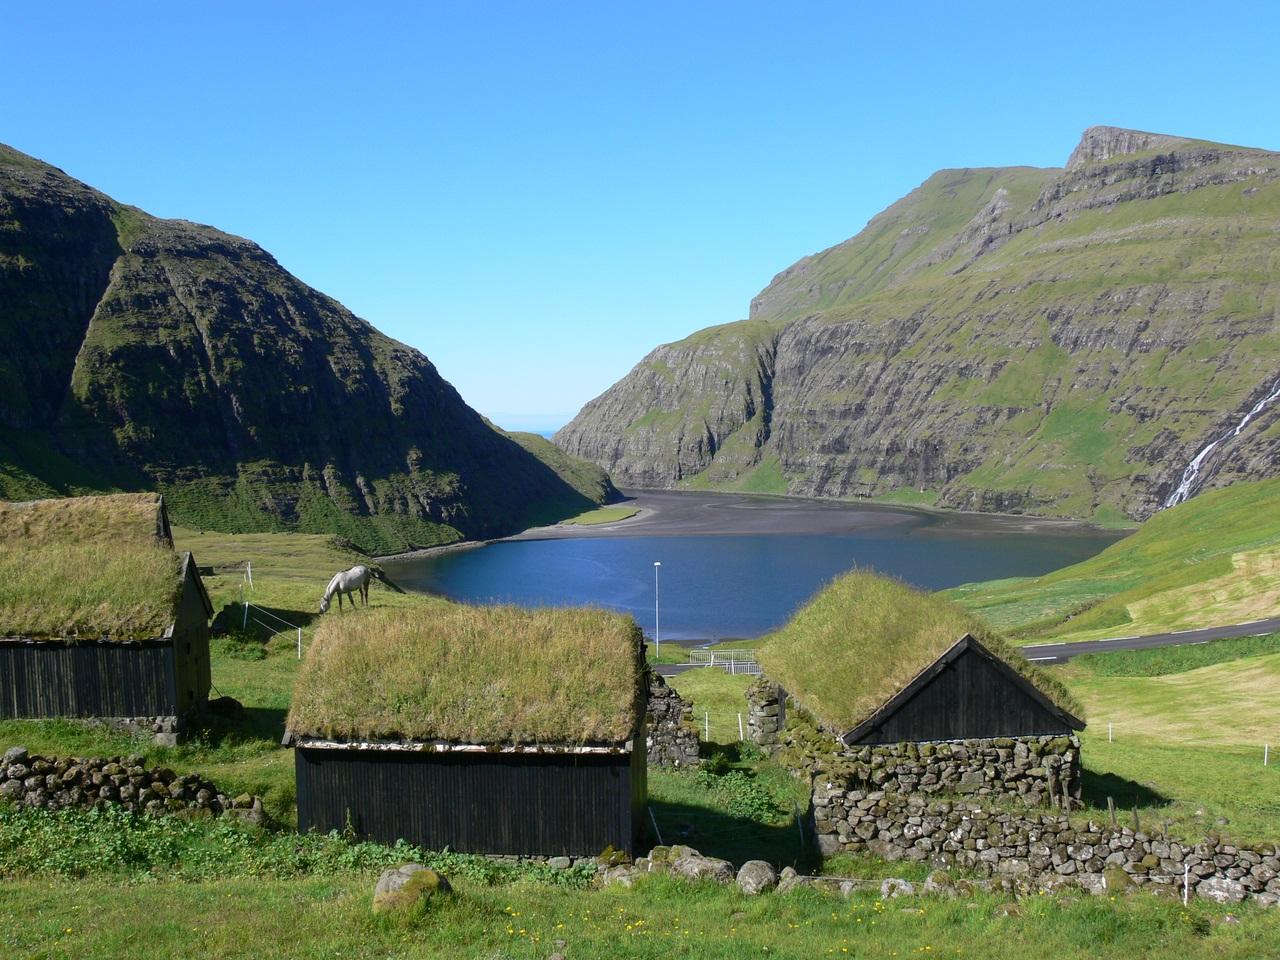 Фото достопримечательностей Стран Скандинавии: Местные жители верят, что их острова — это все, что осталось от легендарной Атлантиды